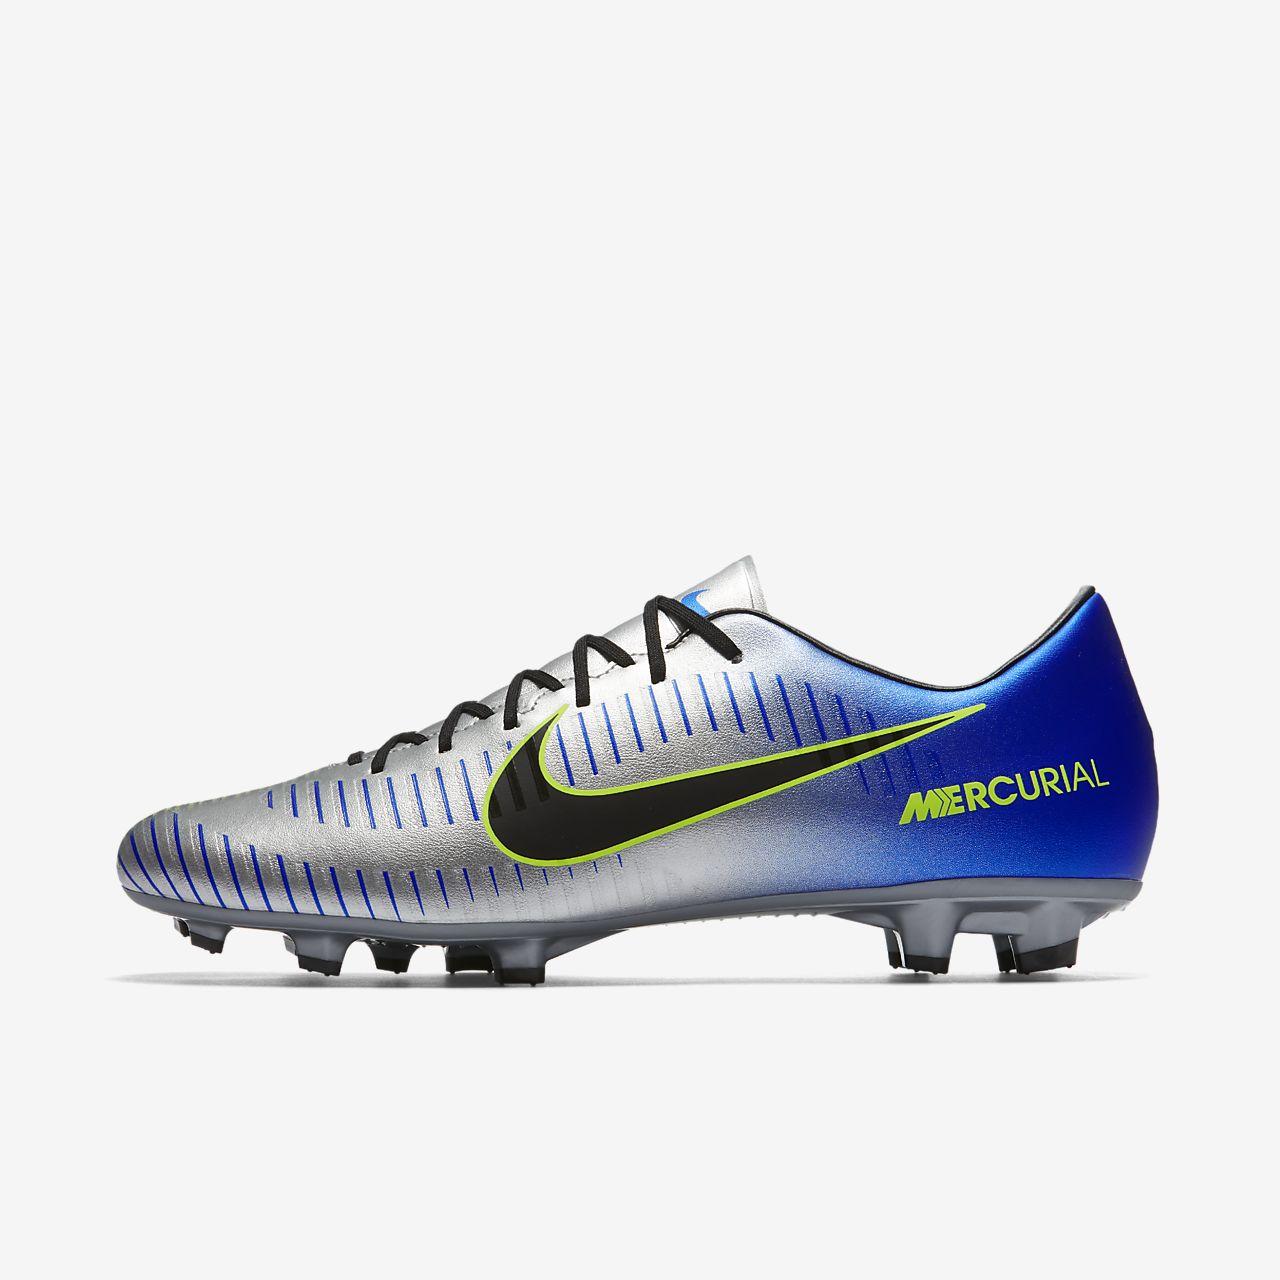 ... Calzado de fútbol Nike Mercurial Victory VI Neymar para terreno firme